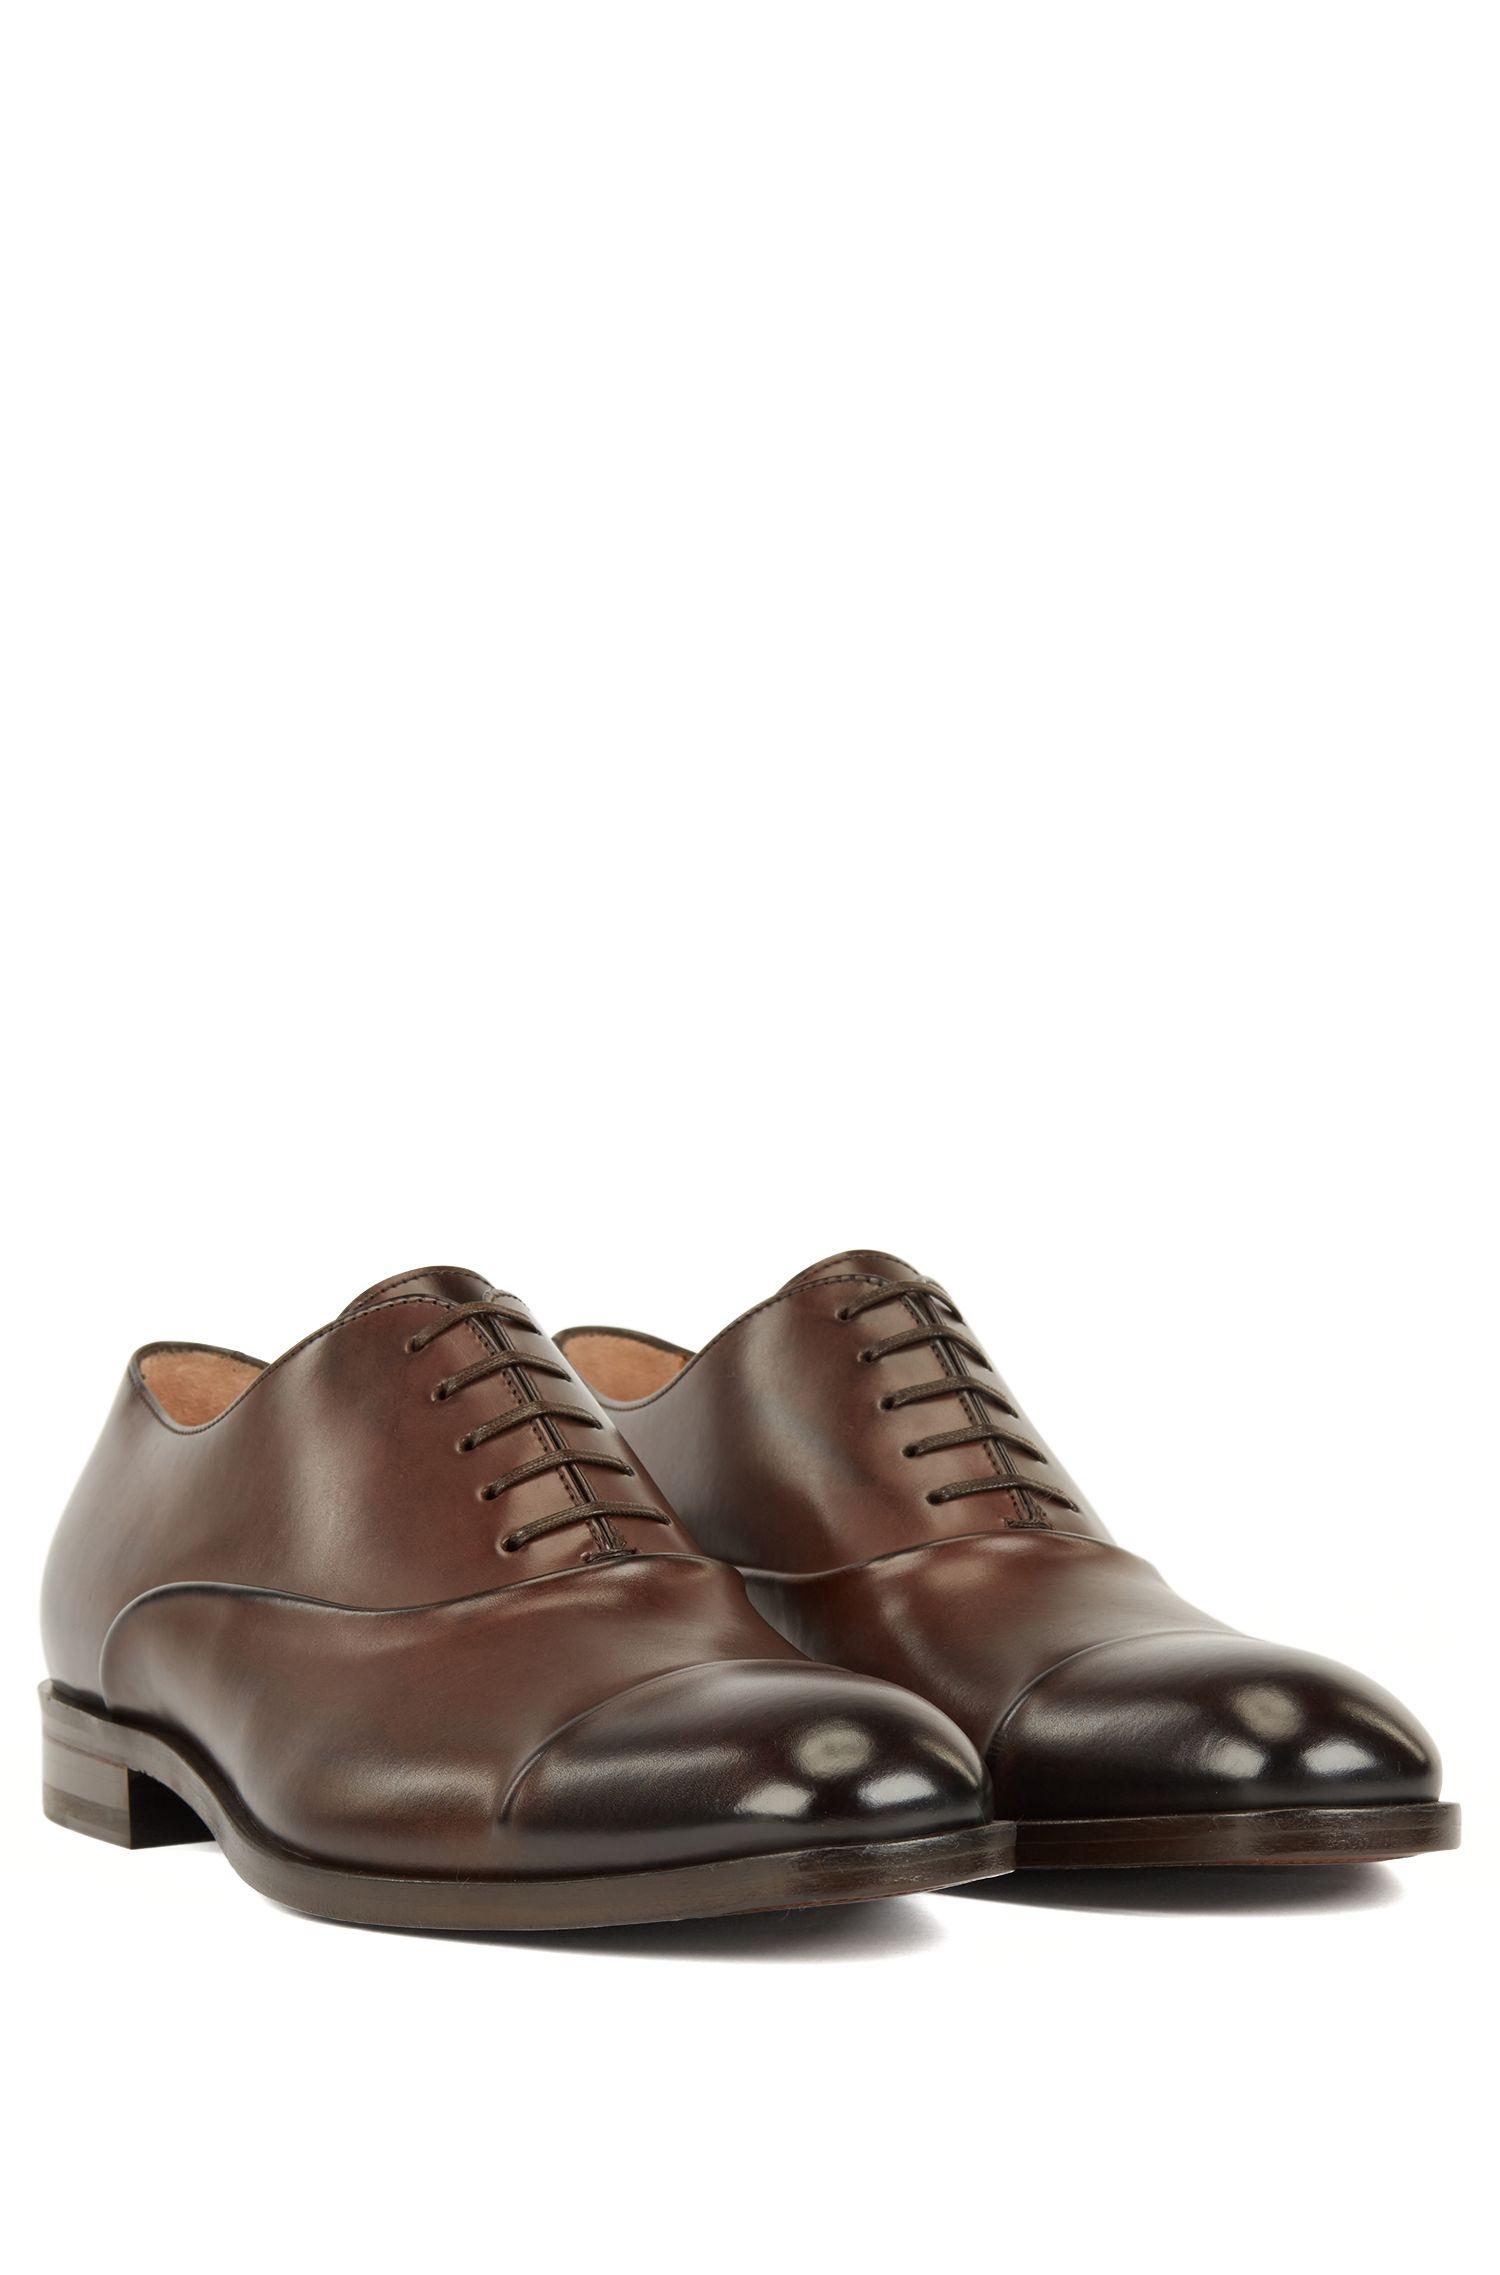 Hugo Boss - Zapatos Oxford elaborados en Italia en piel de becerro de curtido vegetal - 2